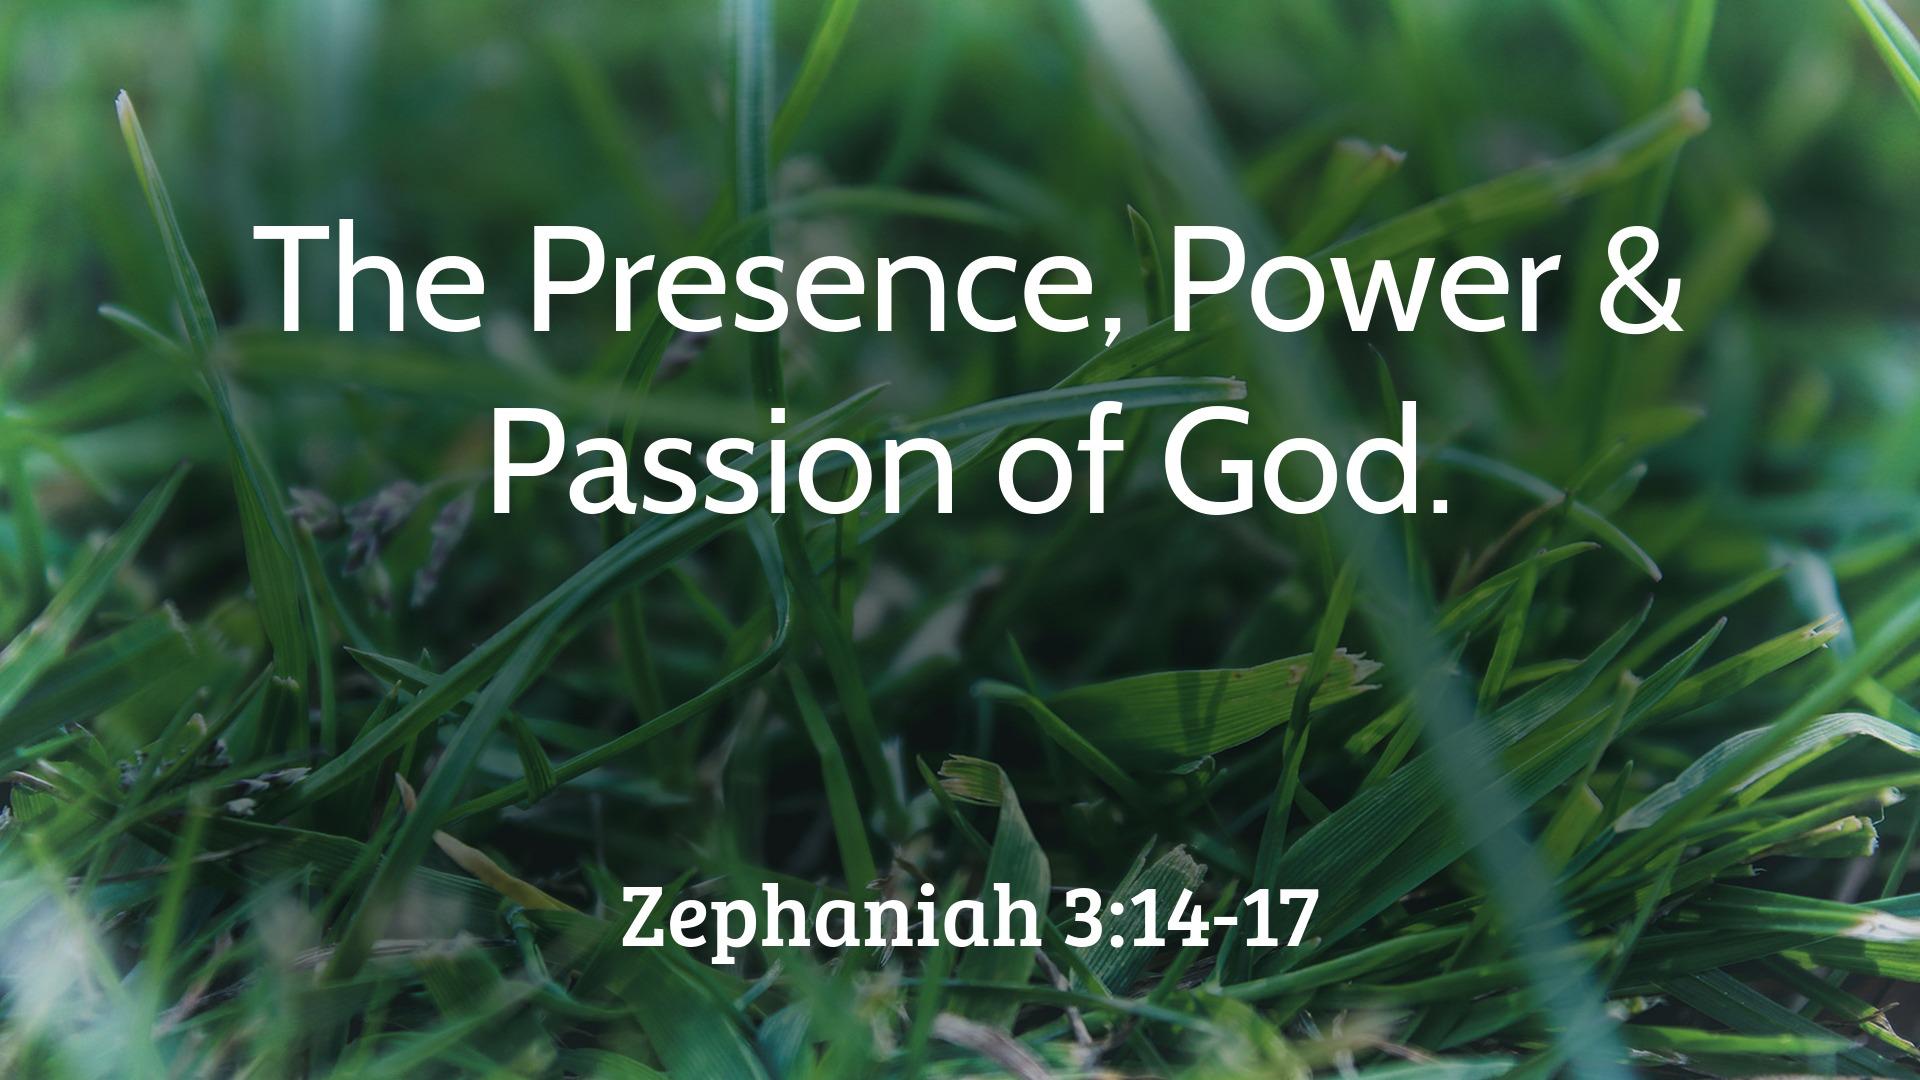 God's Presence, Power & Passion | Stevenston High Kirk